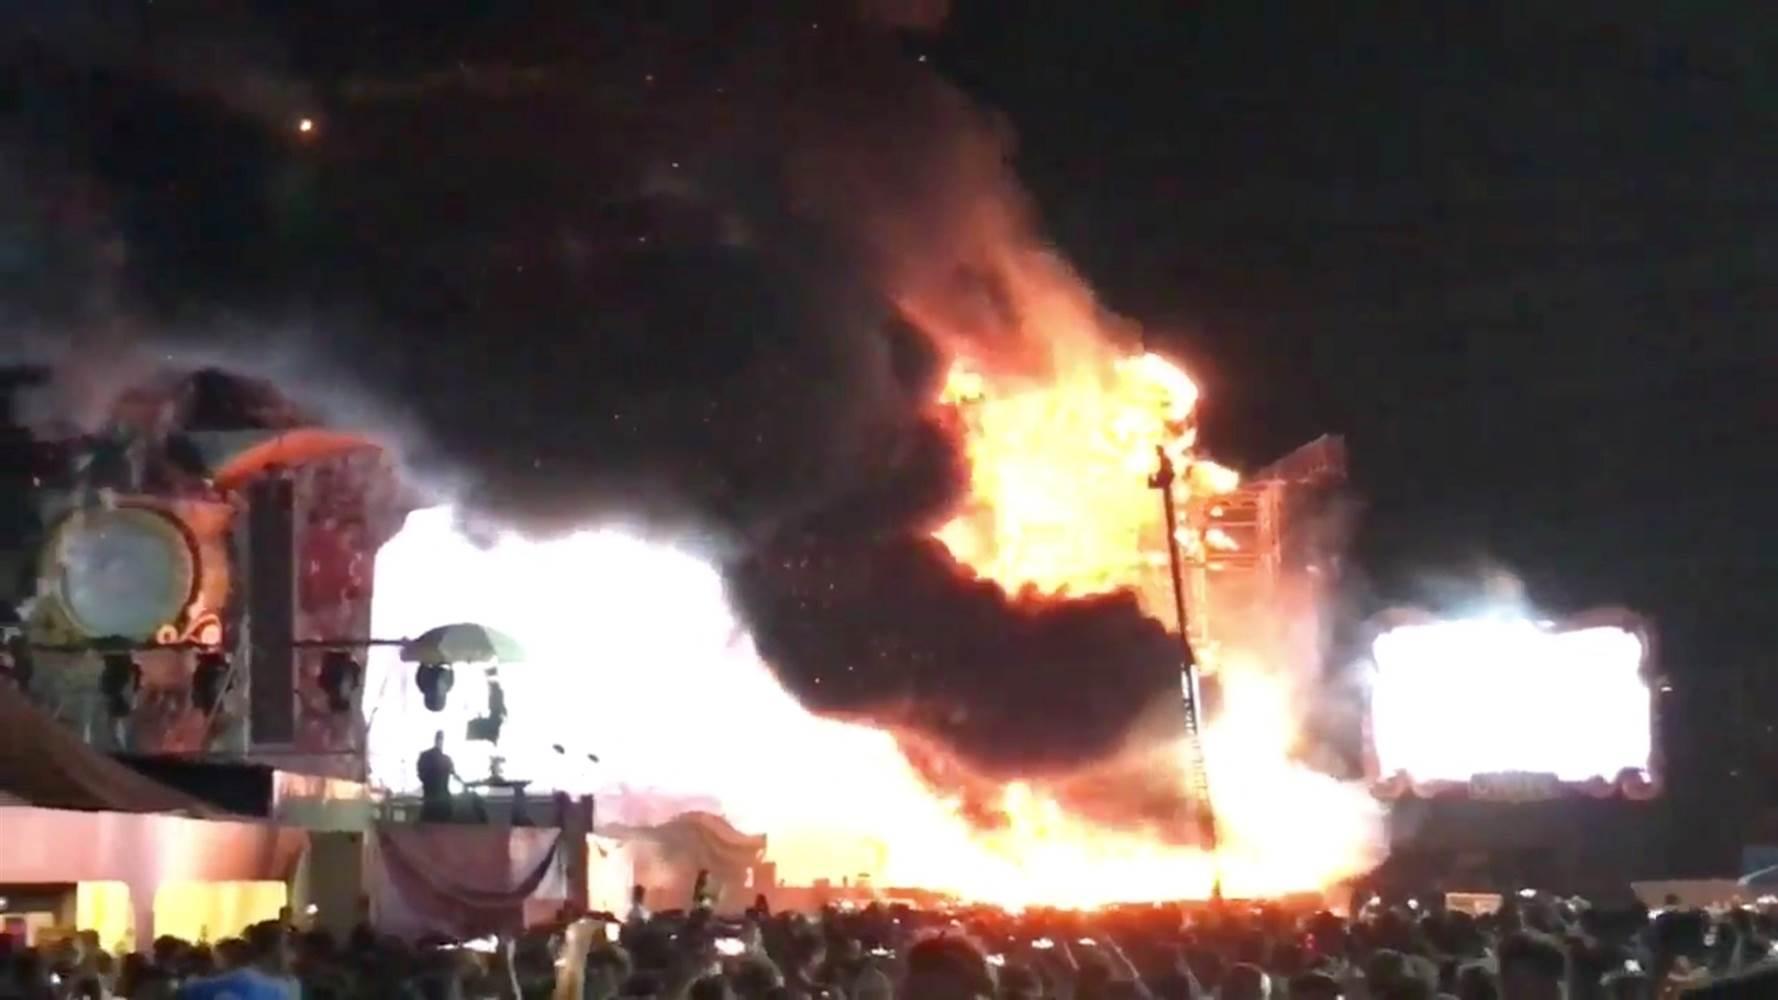 آتش سوزی مهیب در فستیوال تومارولند